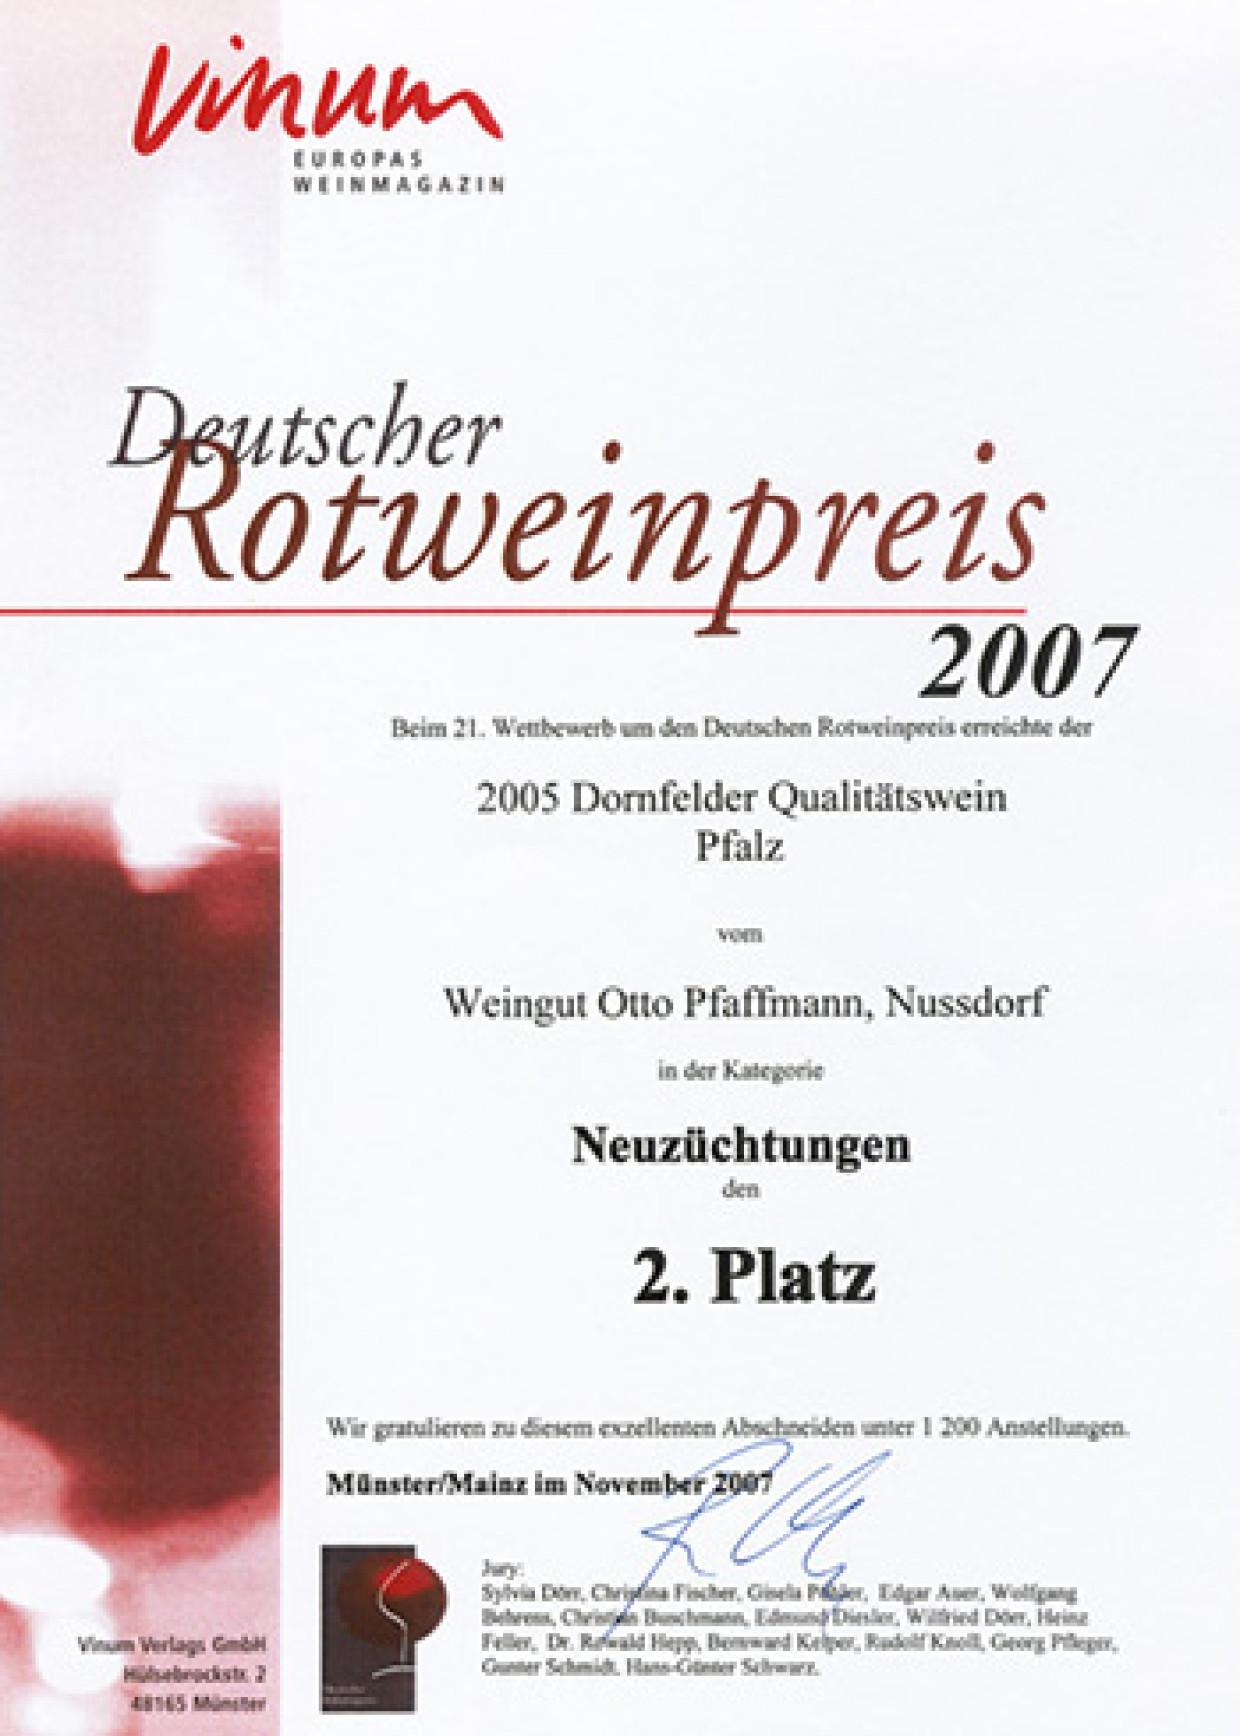 Deutscher Rotweinpreis für den Dornfelder QbA 2005